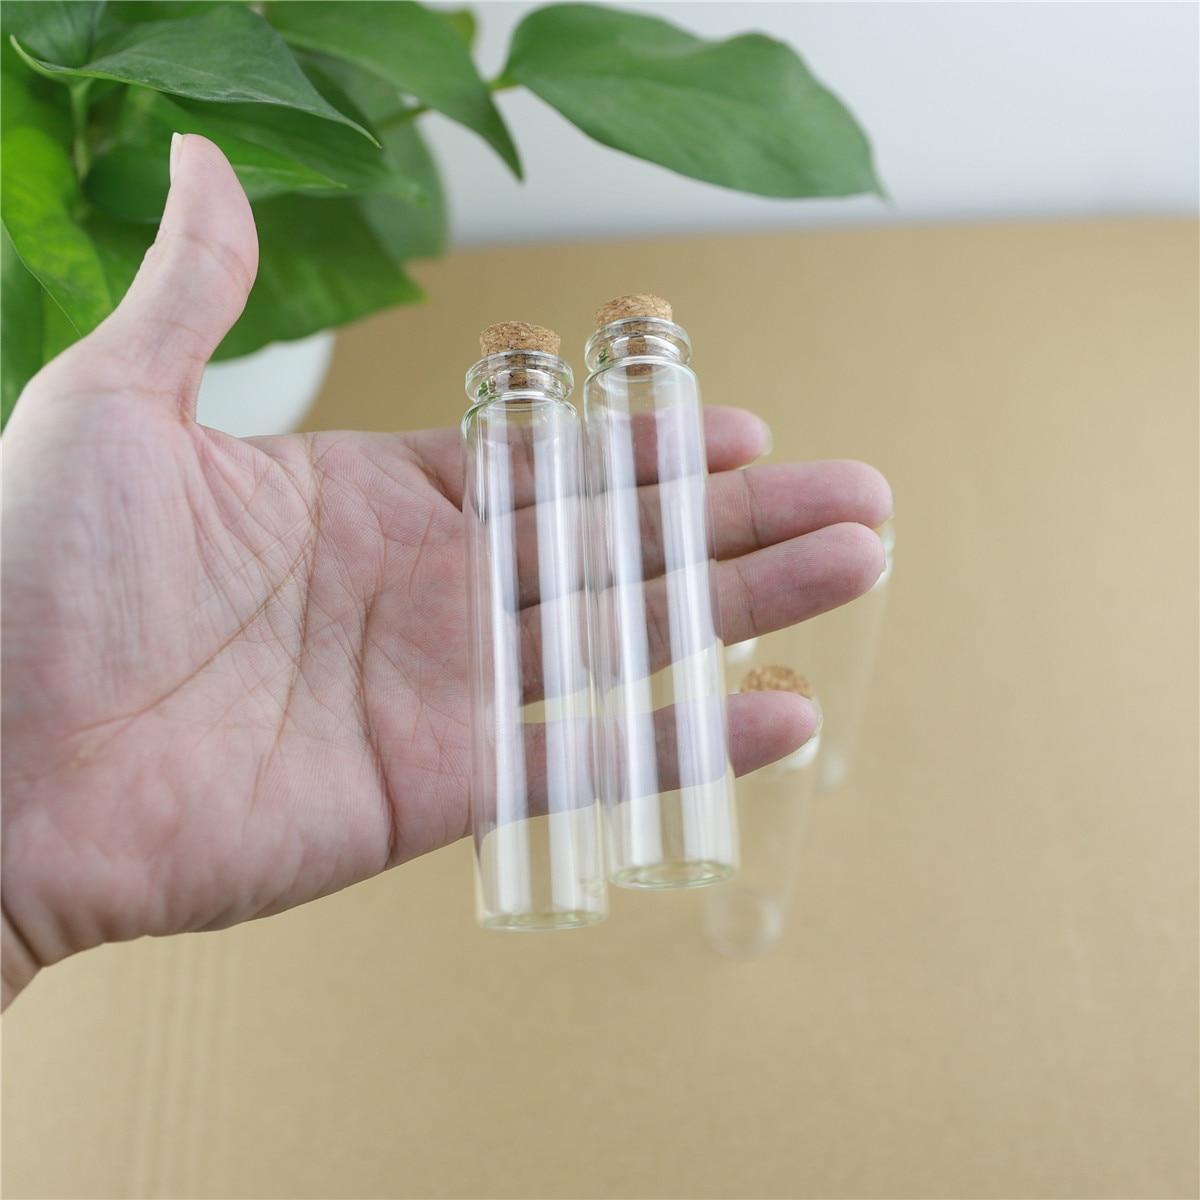 50 قطعة/الوحدة 22*100 مللي متر 25 مللي تخزين زجاج زجاجات مع الفلين سدادة الحرف صغيرة خبأ الجرار الحاويات الزجاج جرة البسيطة زجاجة هدية